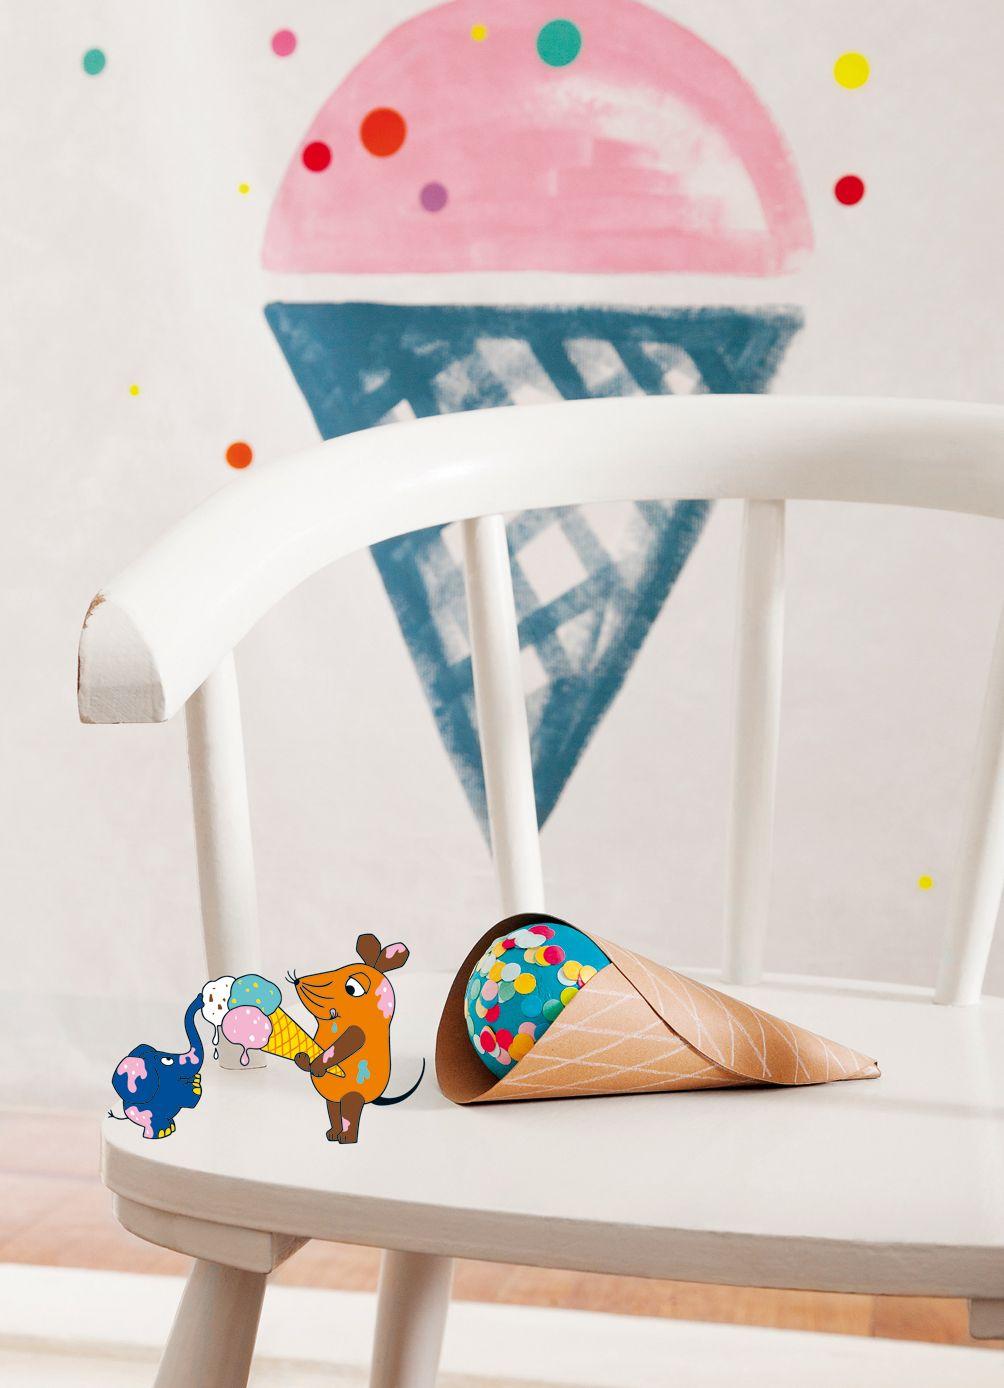 Basteln mit der Maus, Andrea Potocky, Wlkmndy